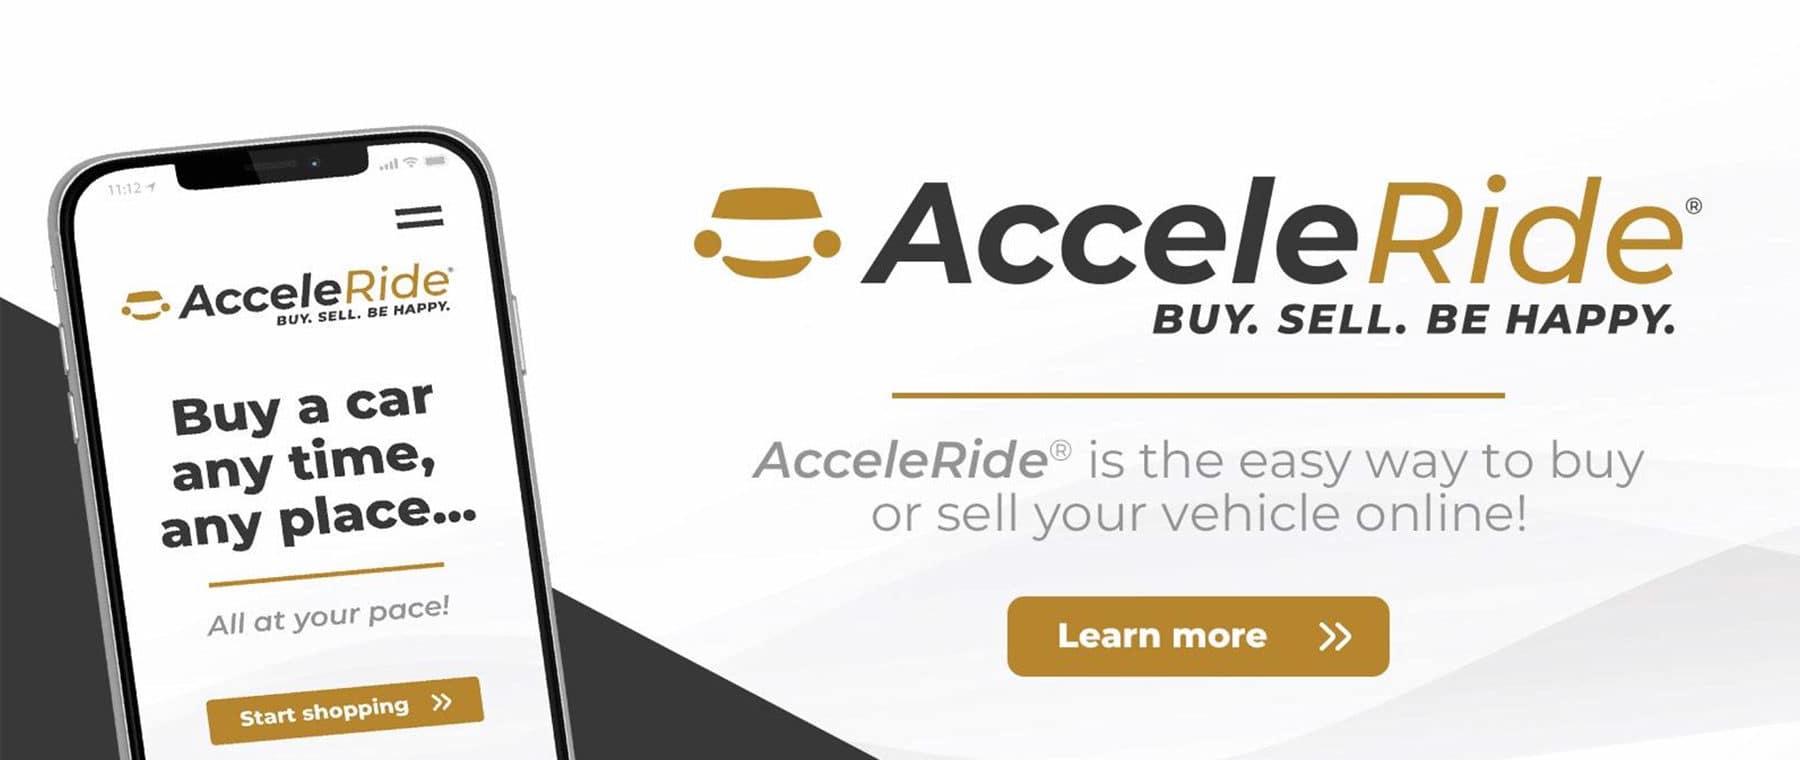 SPC_AcceleRide_1800x760